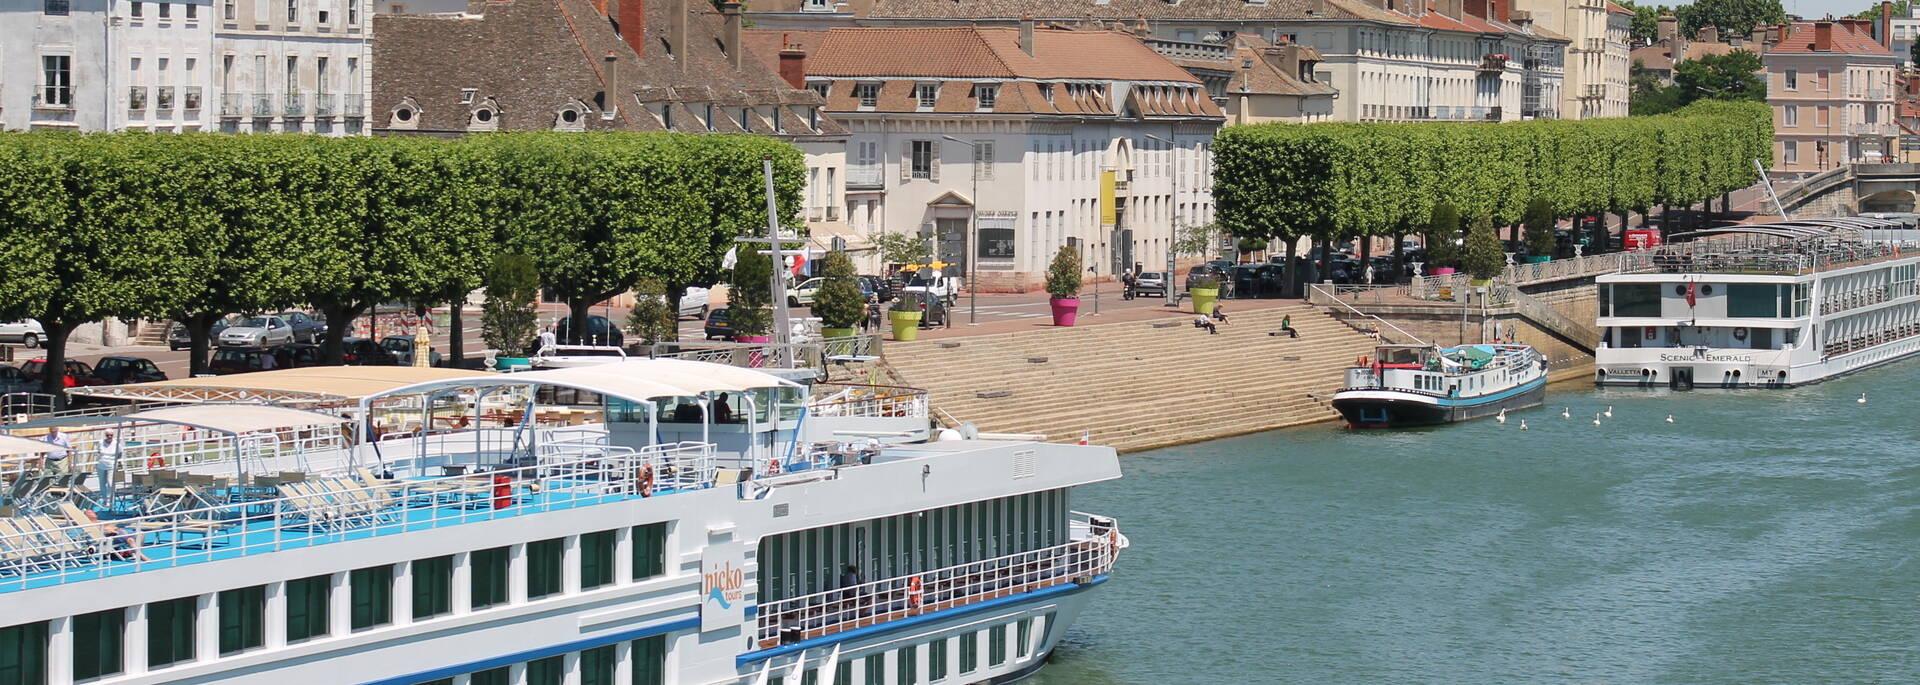 Navigation sur la Saône dans le centre de Chalon sur Saône, paquebots fluviaux